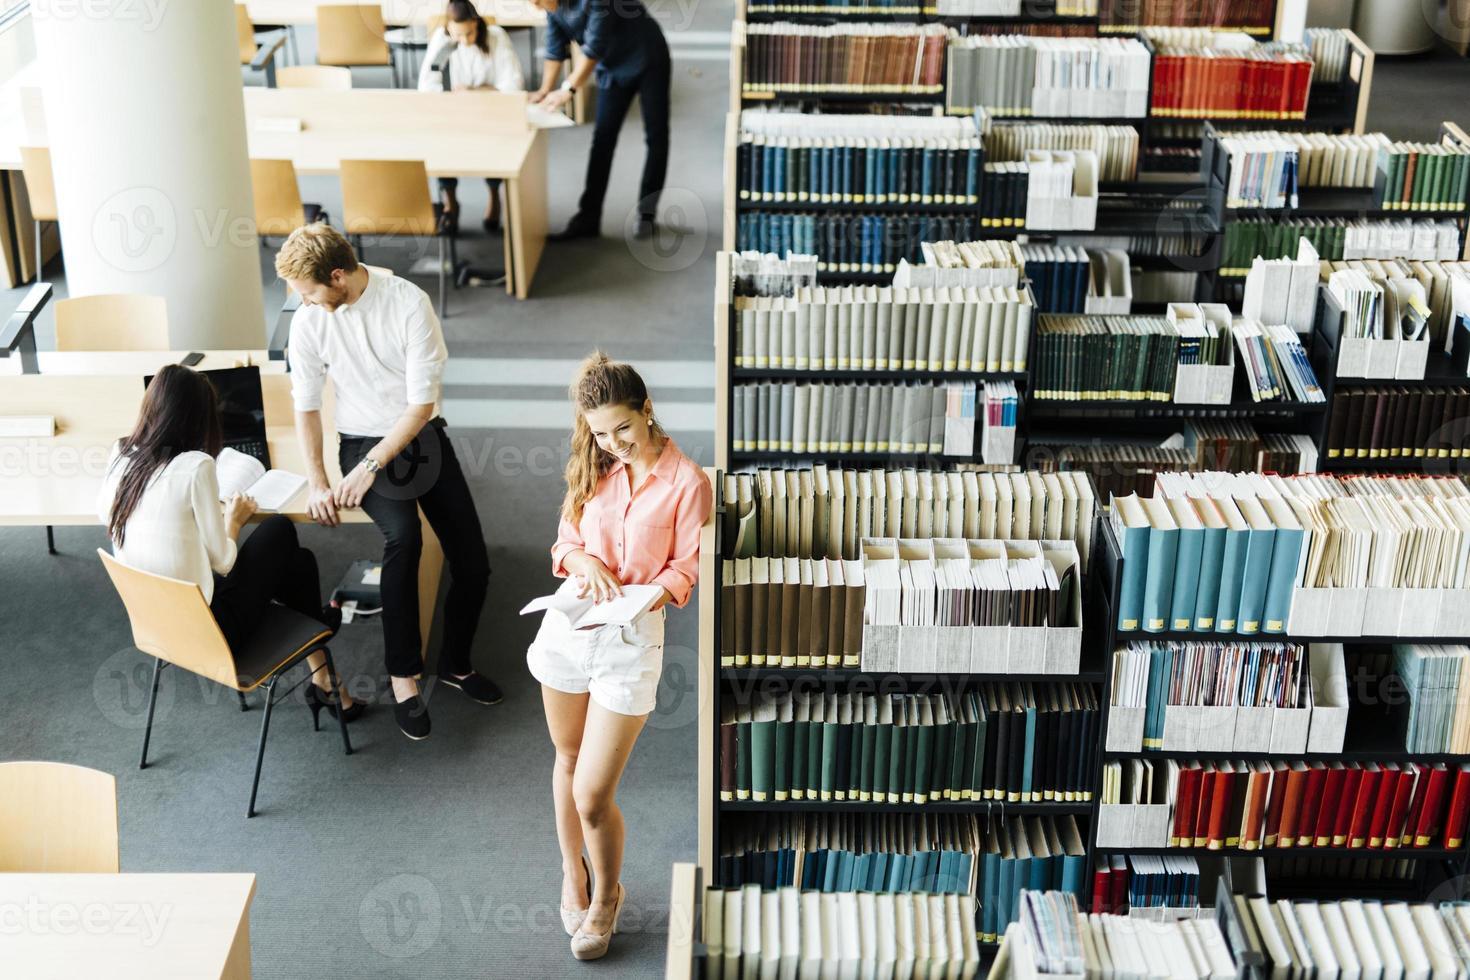 grupp studenter som studerar i ett bibliotek foto